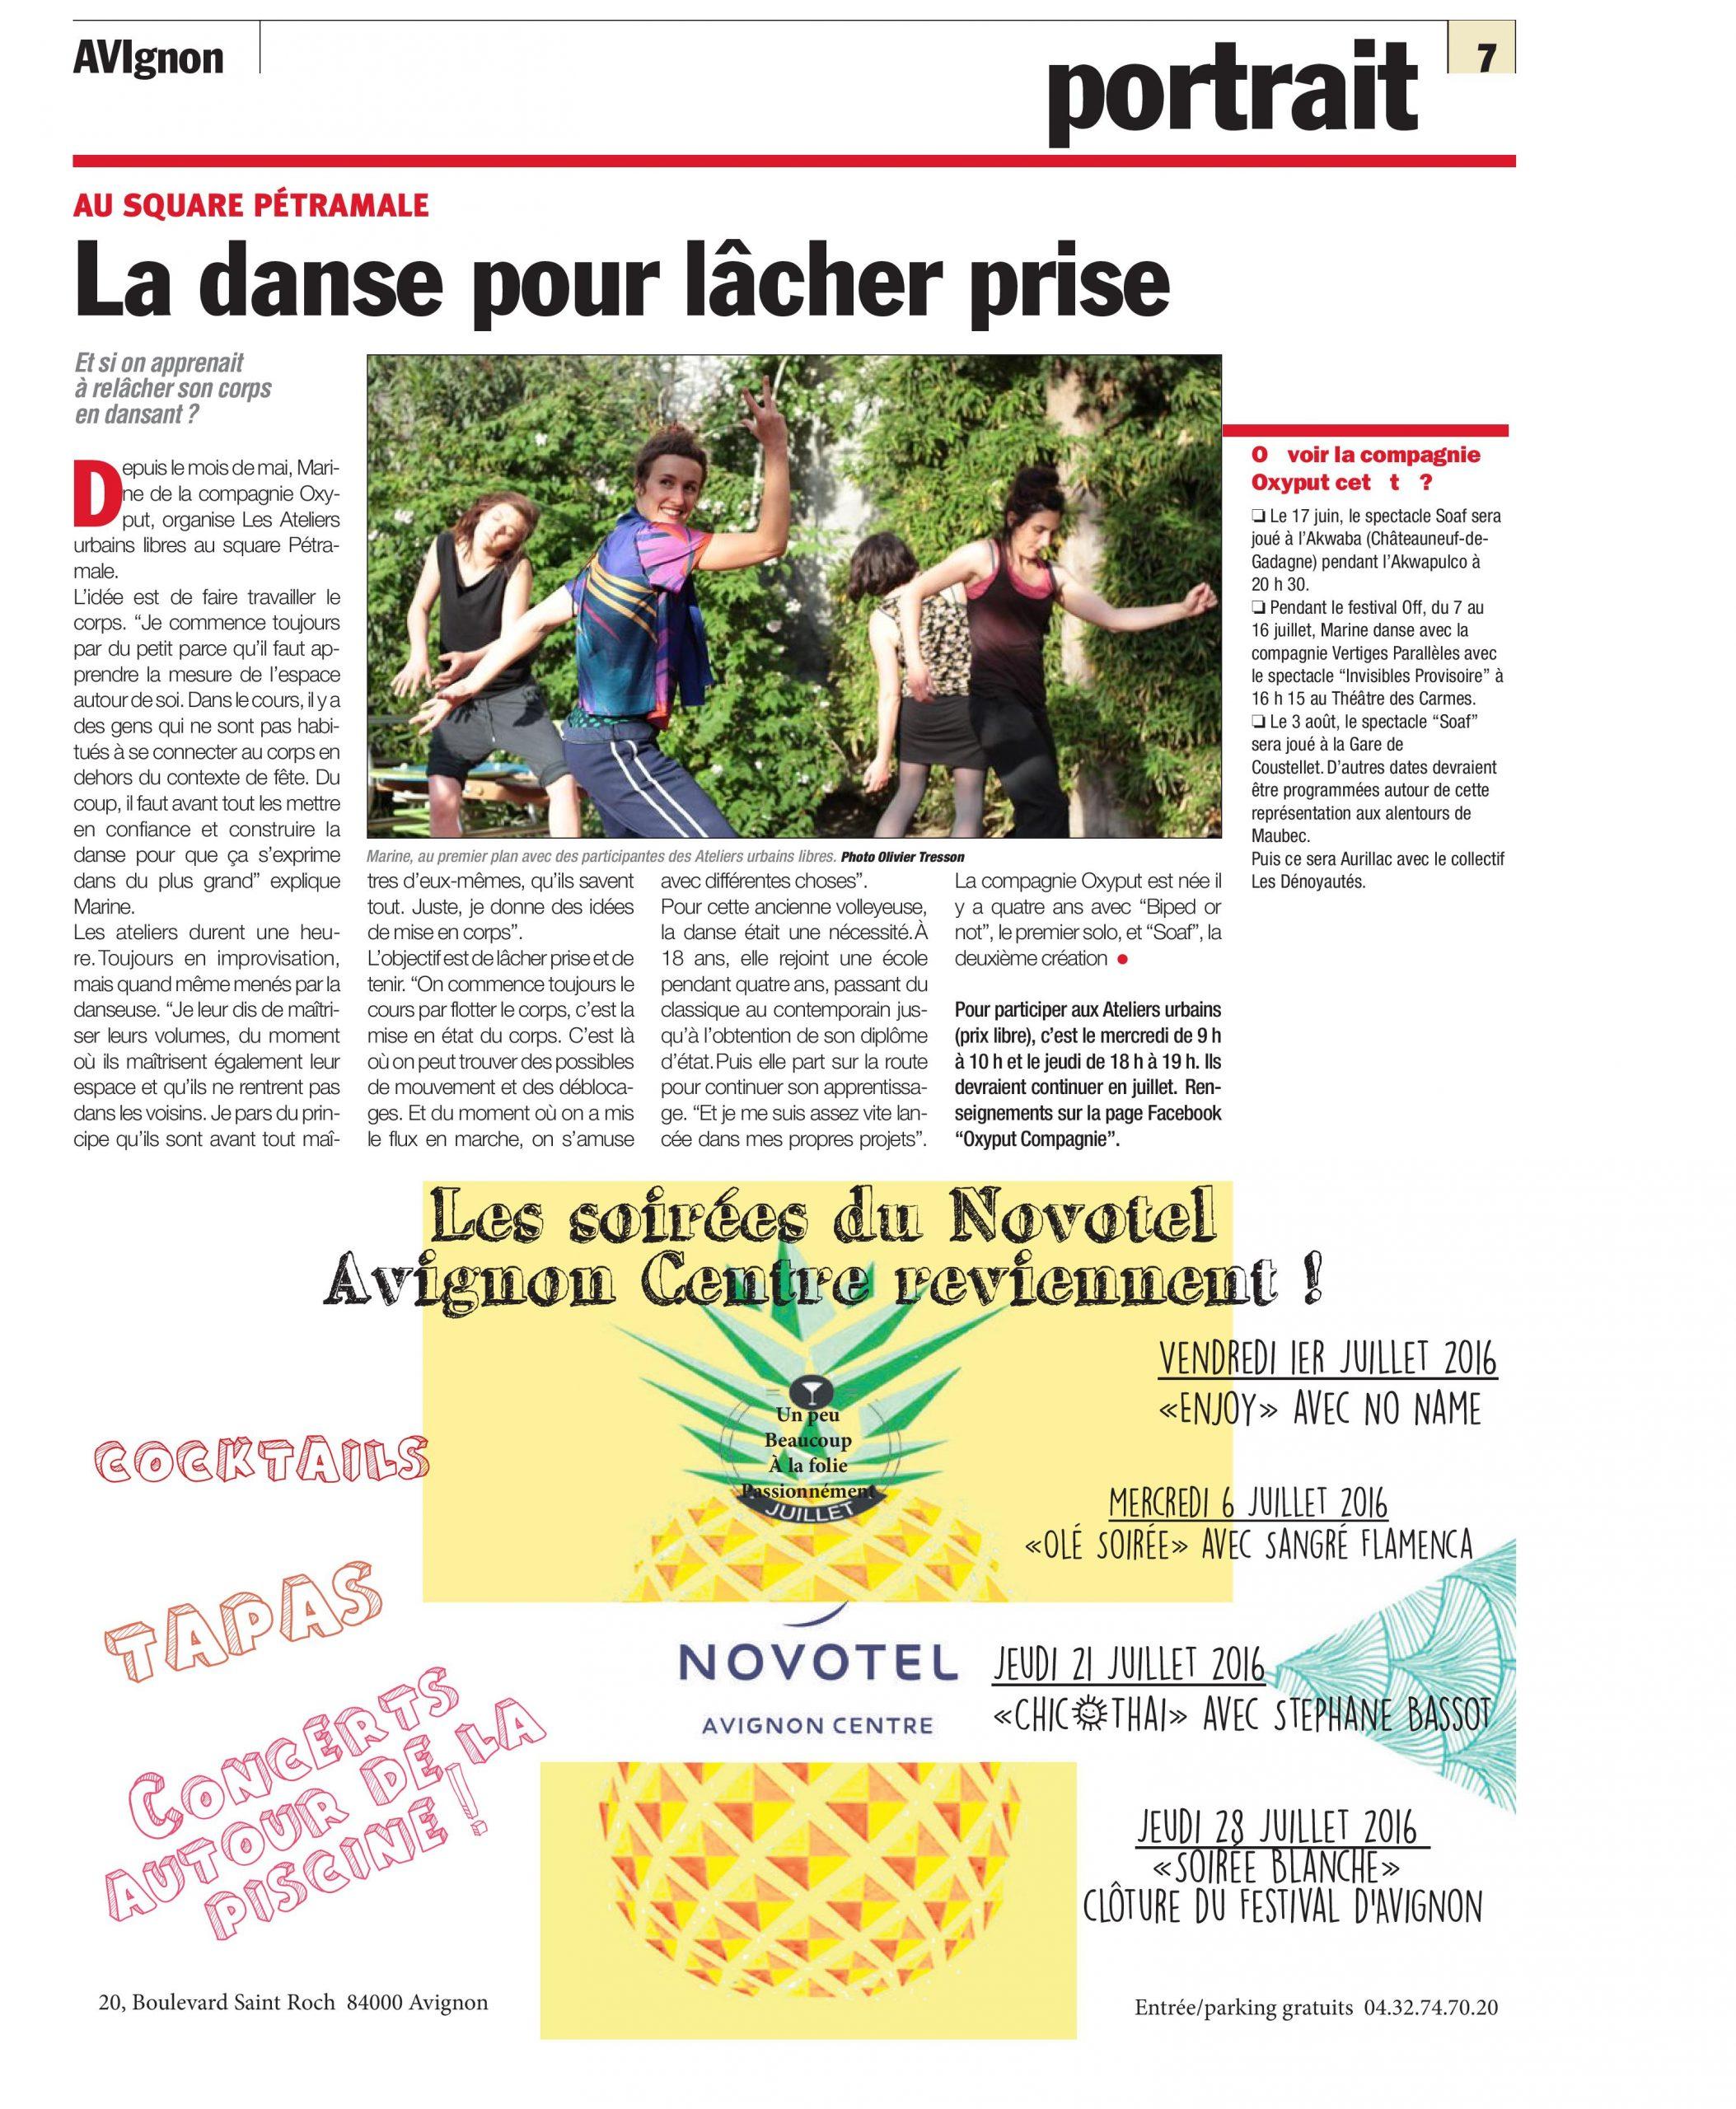 """""""La danse pour lâcher prise"""" - Portrait, AVIgnon"""